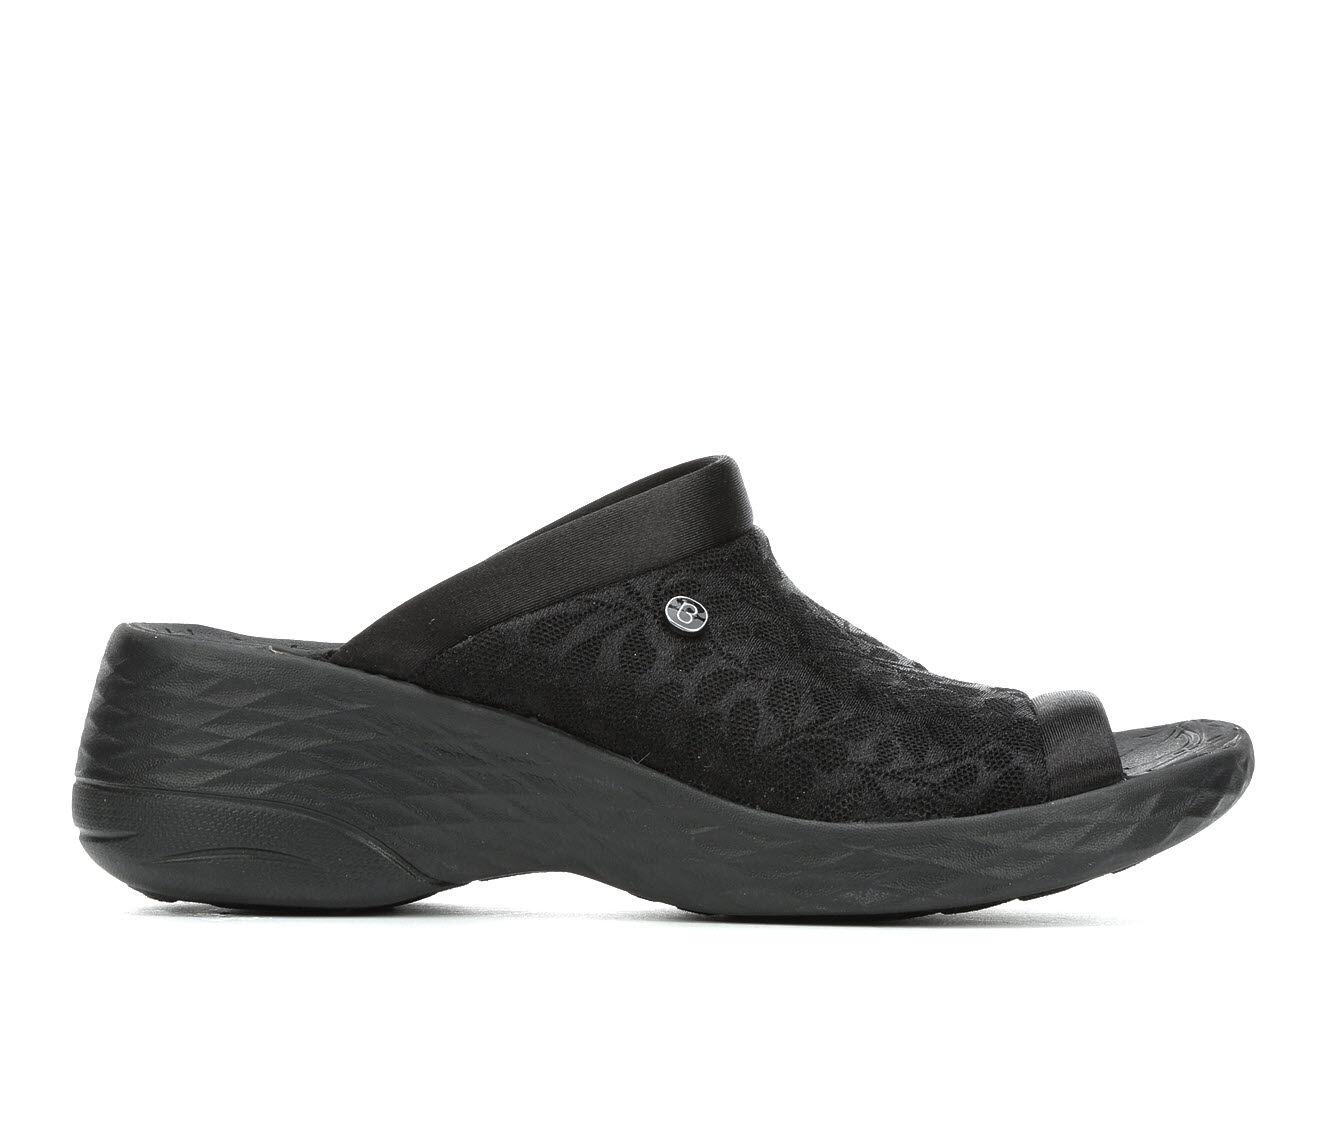 Worldwide Women's BZEES Jubilee Sandals Black